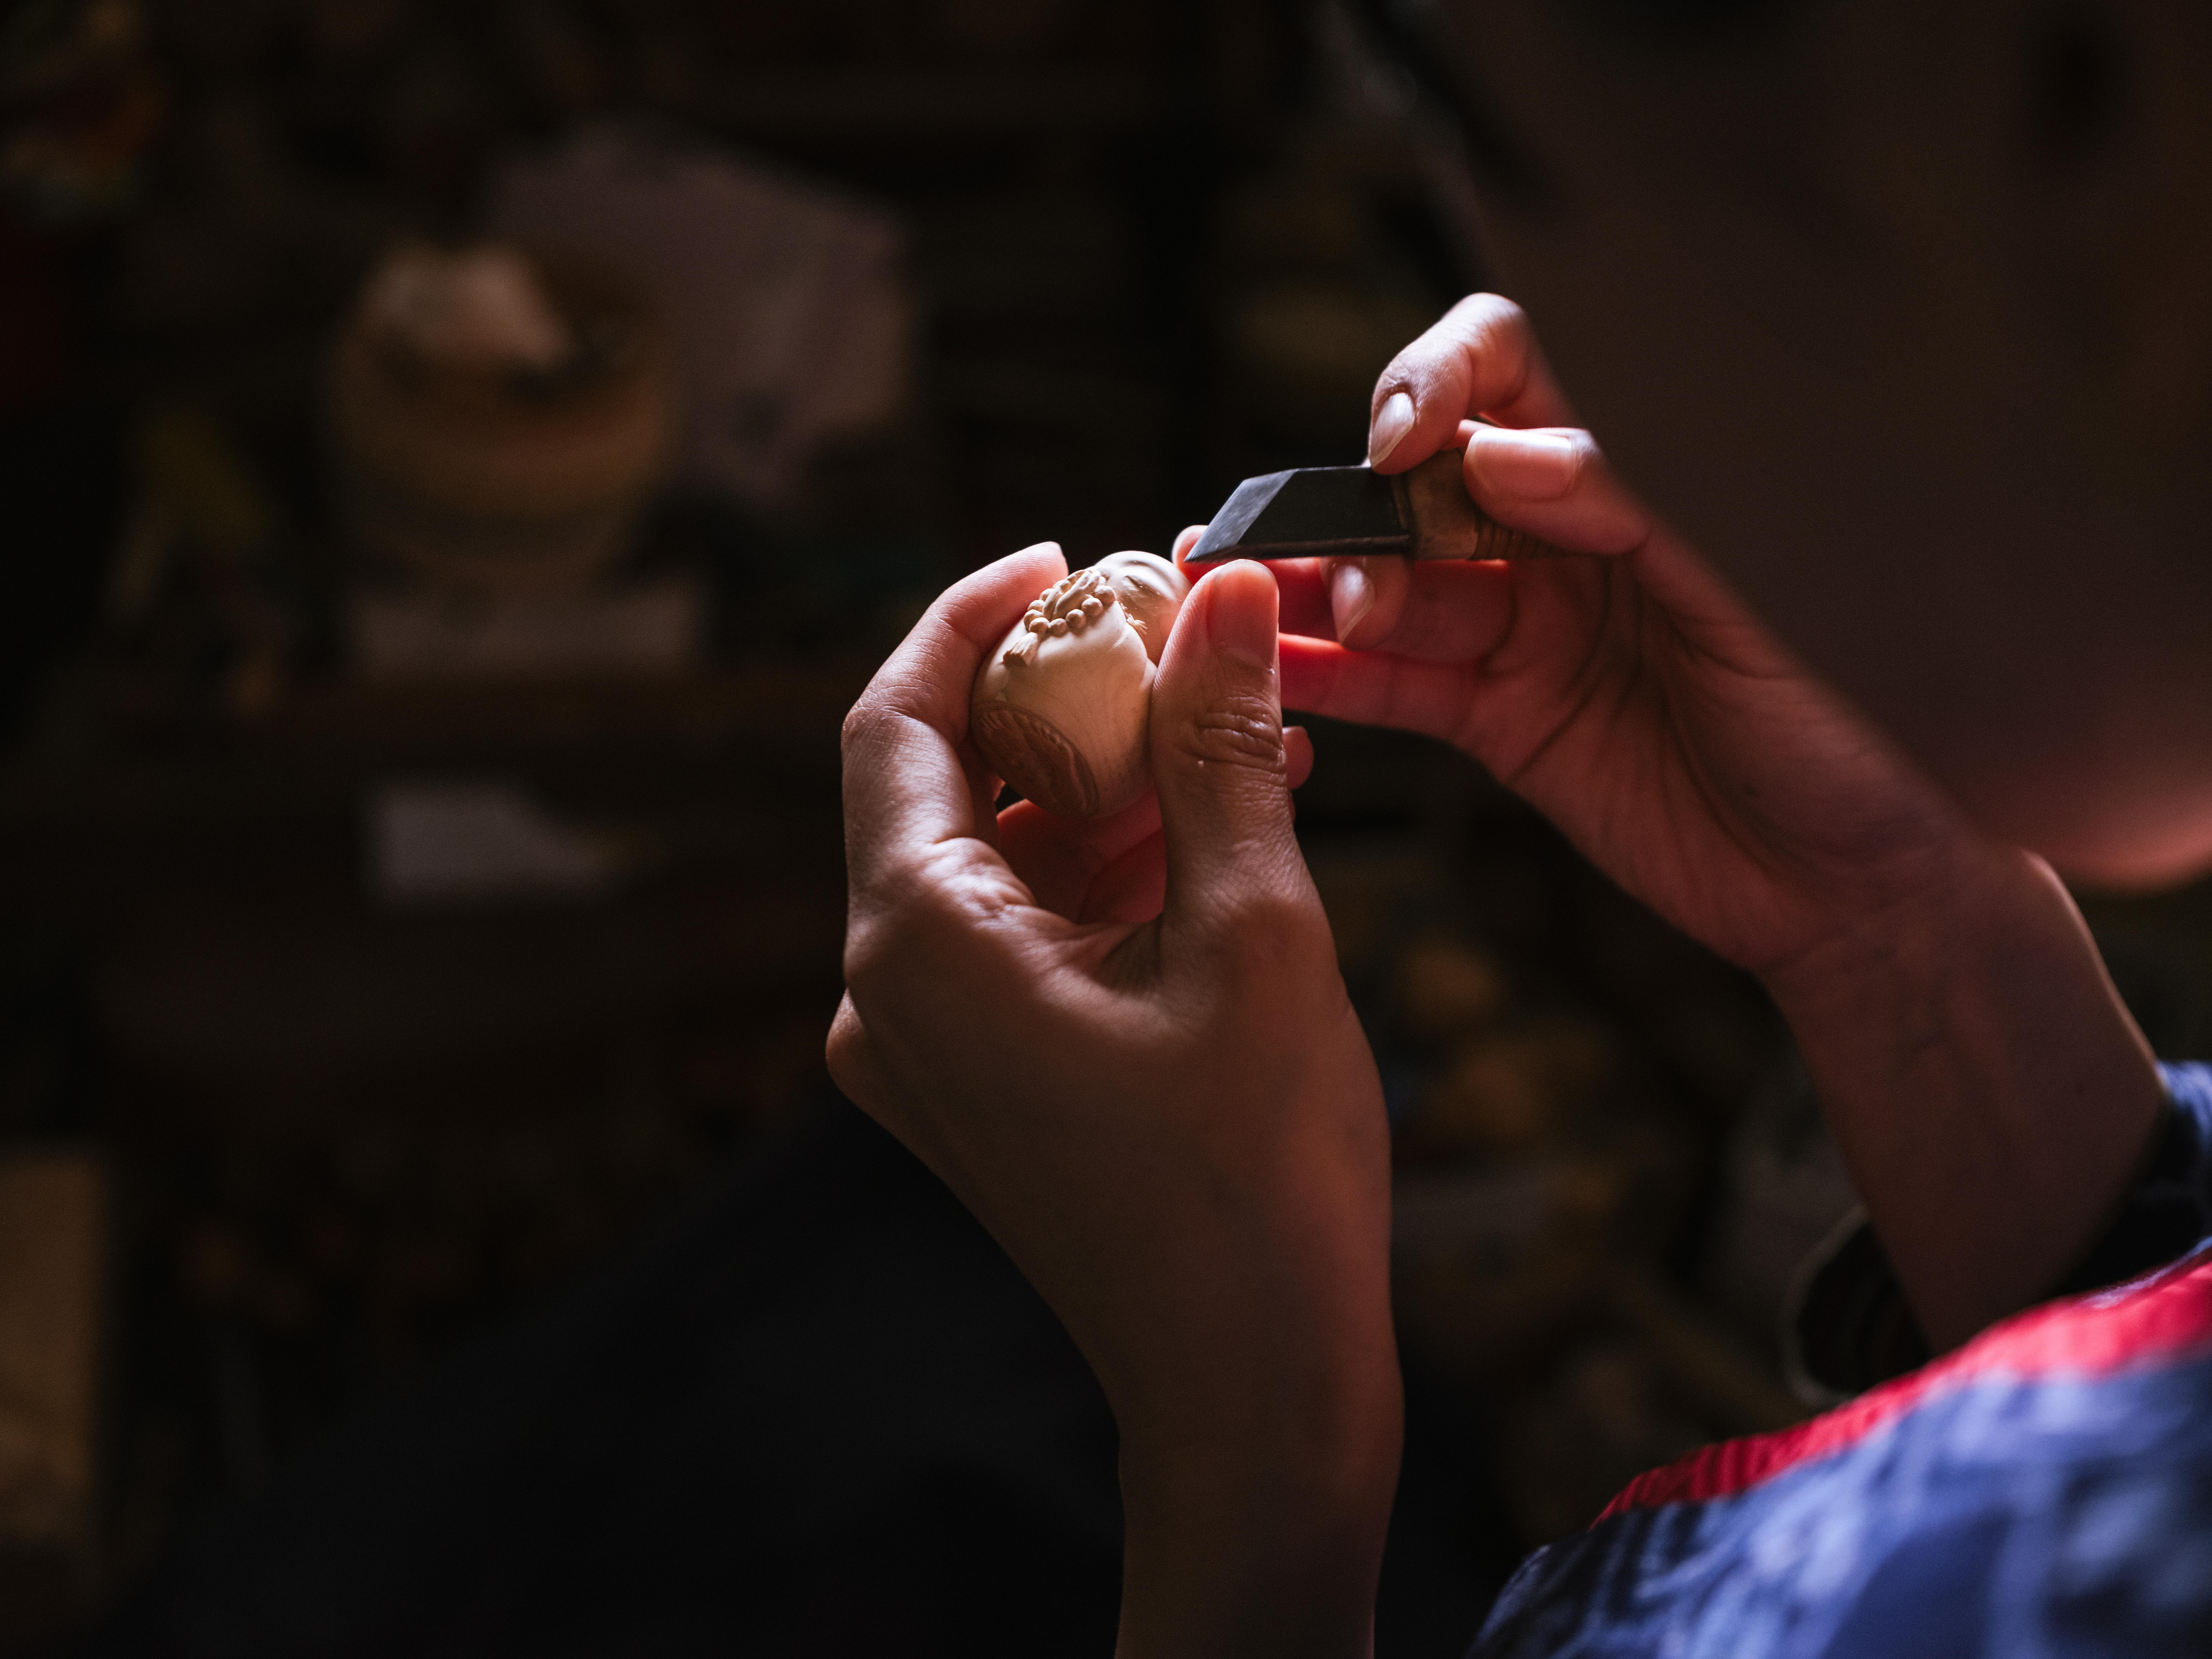 荒彫りをした後、彫刻刀で細かな彫り。ごく小さな見えないようなところまで彫っていく。